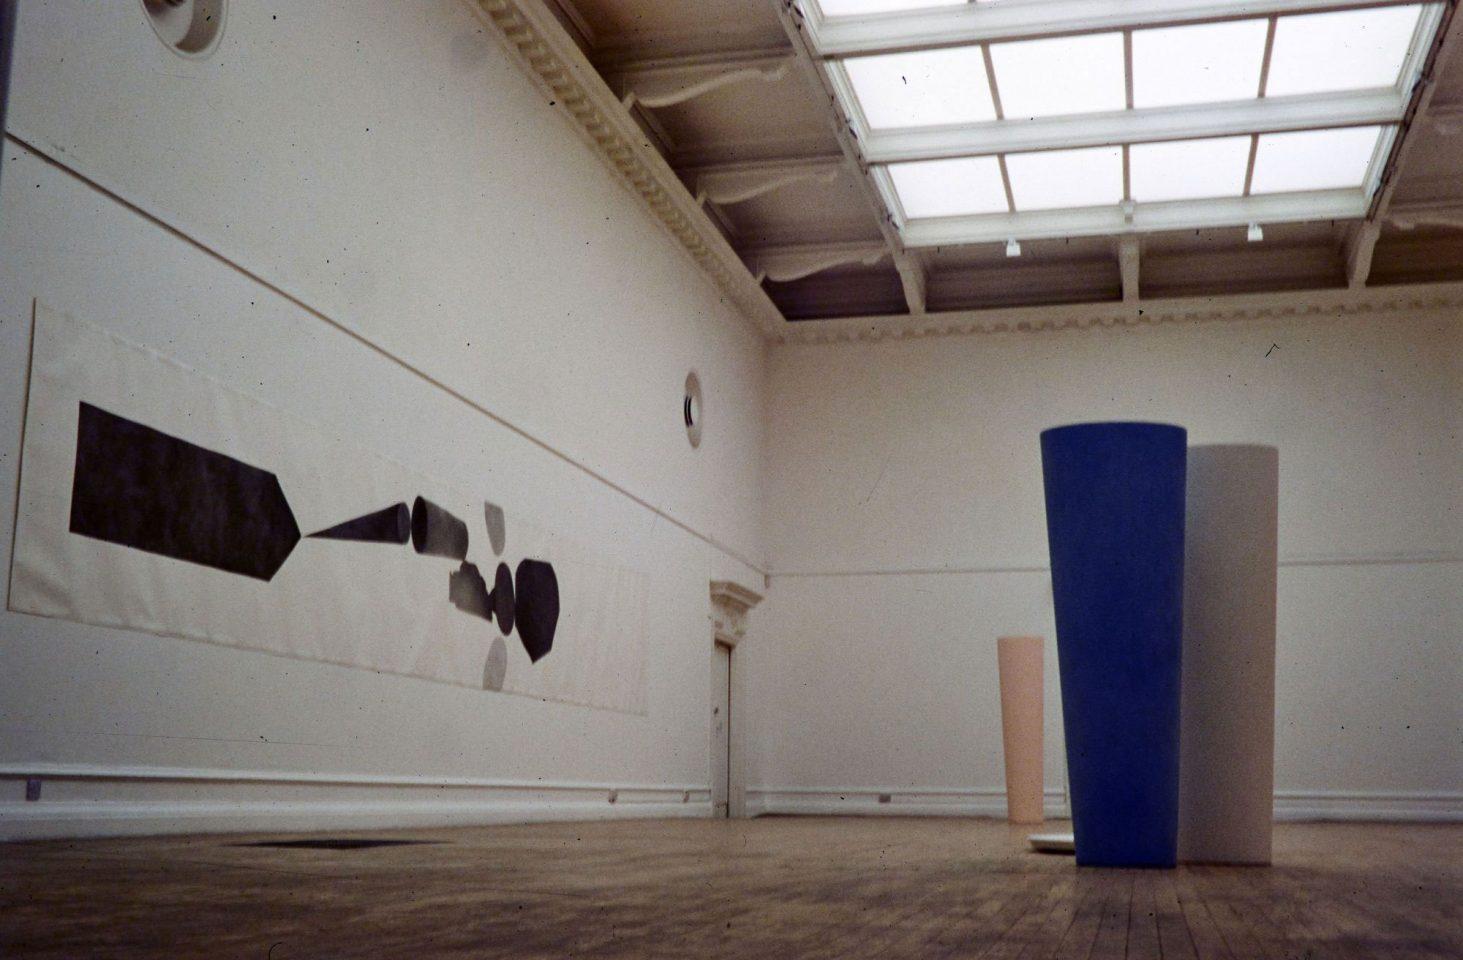 Ettore Spalletti: Solo Exhibition